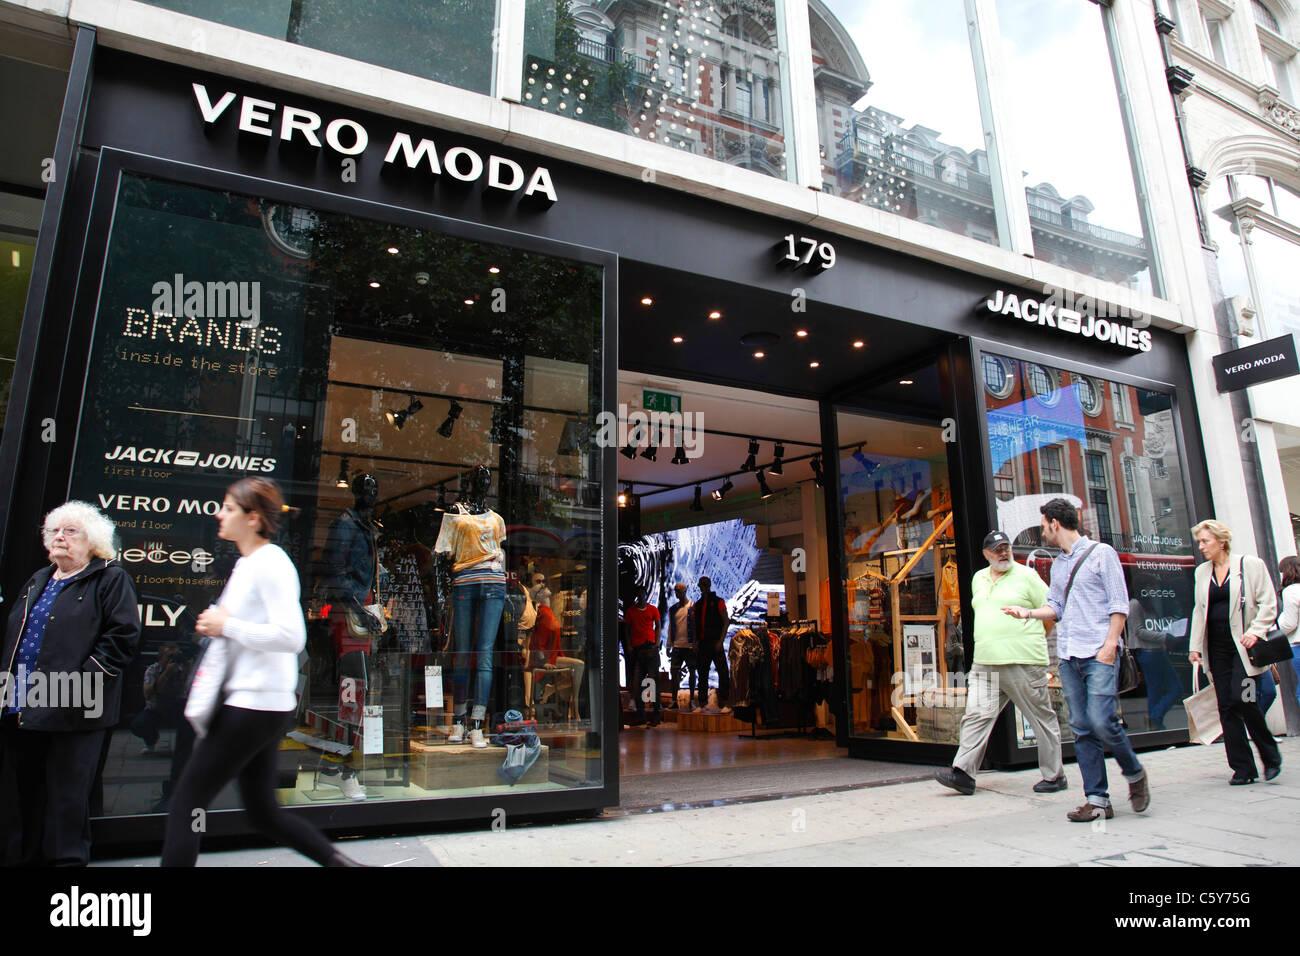 Un vero Moda e Jack Jones store su Oxford Street, London, England, Regno Unito Immagini Stock